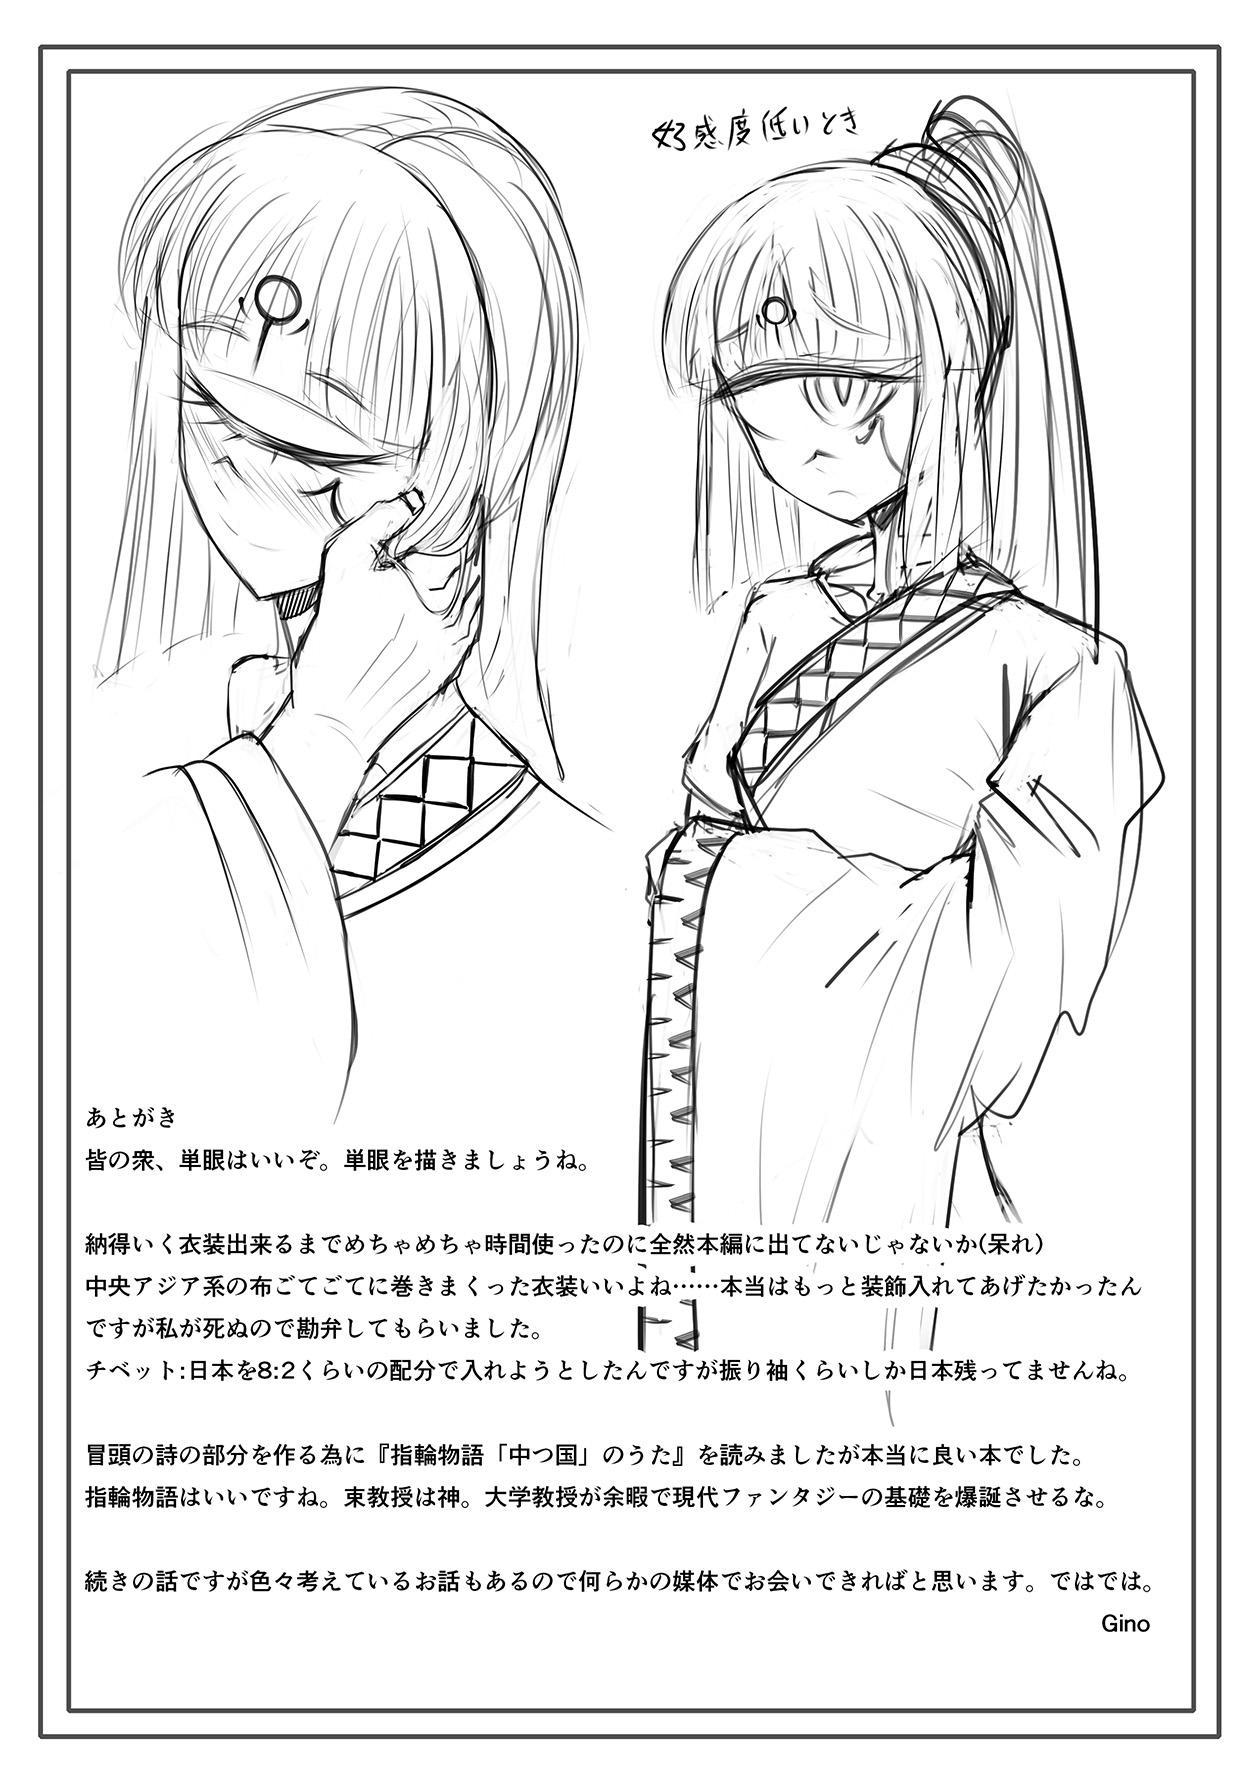 Hitomi wa Hisoyaka ni Utau 19